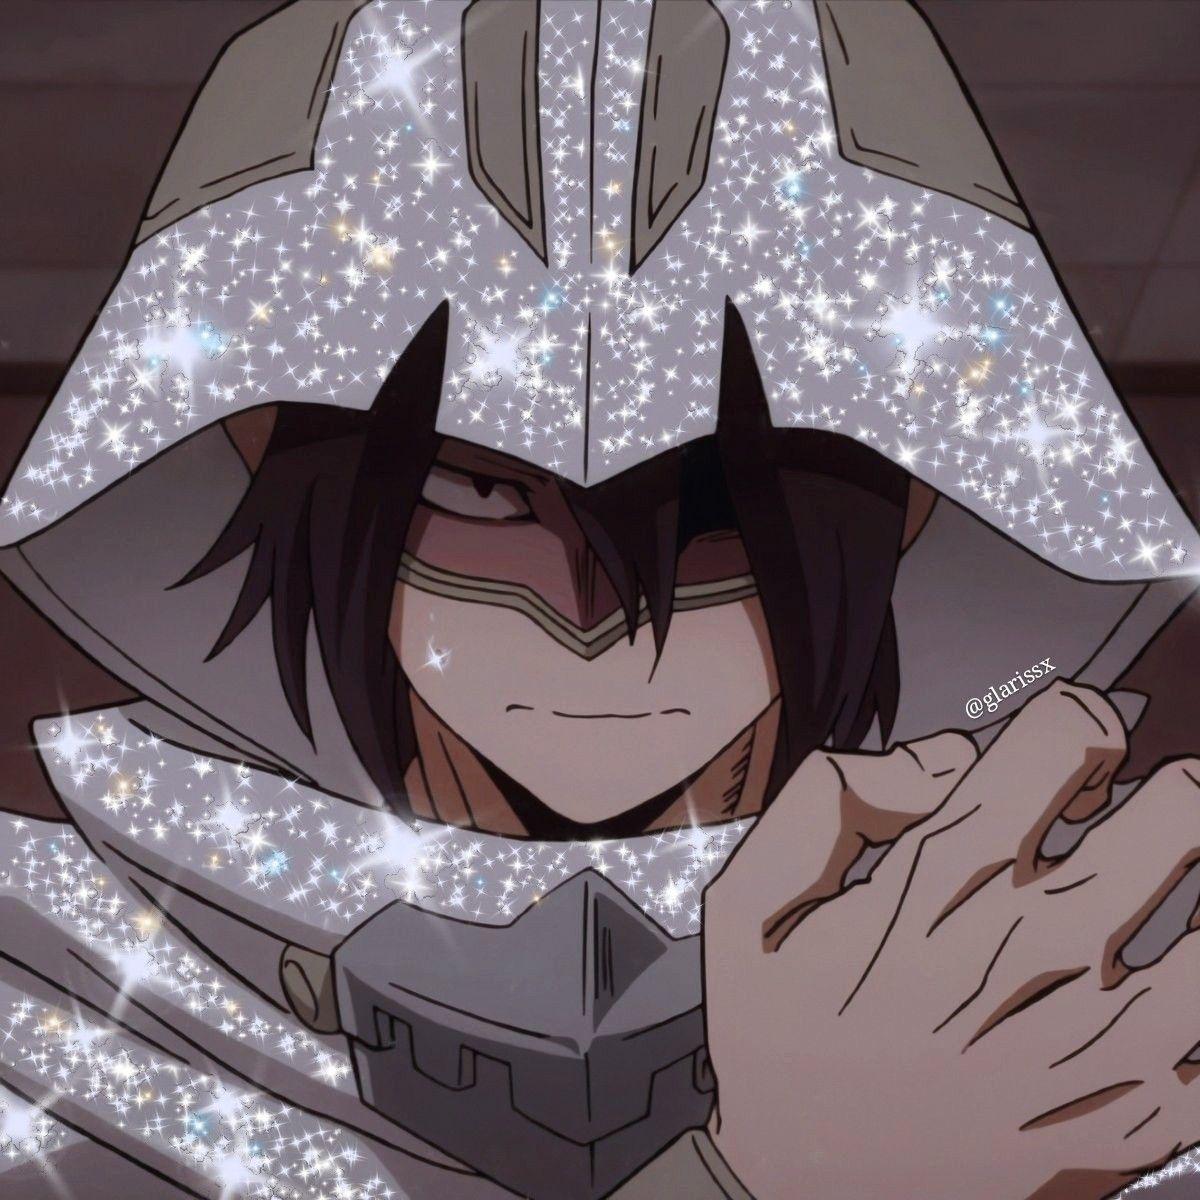 """Н""""𝐚𝐦𝐚𝐤𝐢 Н€ð¦ðšð£ð¢ð¤ð¢ Anime Aesthetic Anime Cute Anime Character Aesthetic cute anime pfp bokunoheroacademia myheroacademia mha bnha mhaicons bnhaicon icon. 𝐓𝐚𝐦𝐚𝐤𝐢 𝐀𝐦𝐚𝐣𝐢𝐤𝐢 anime aesthetic"""